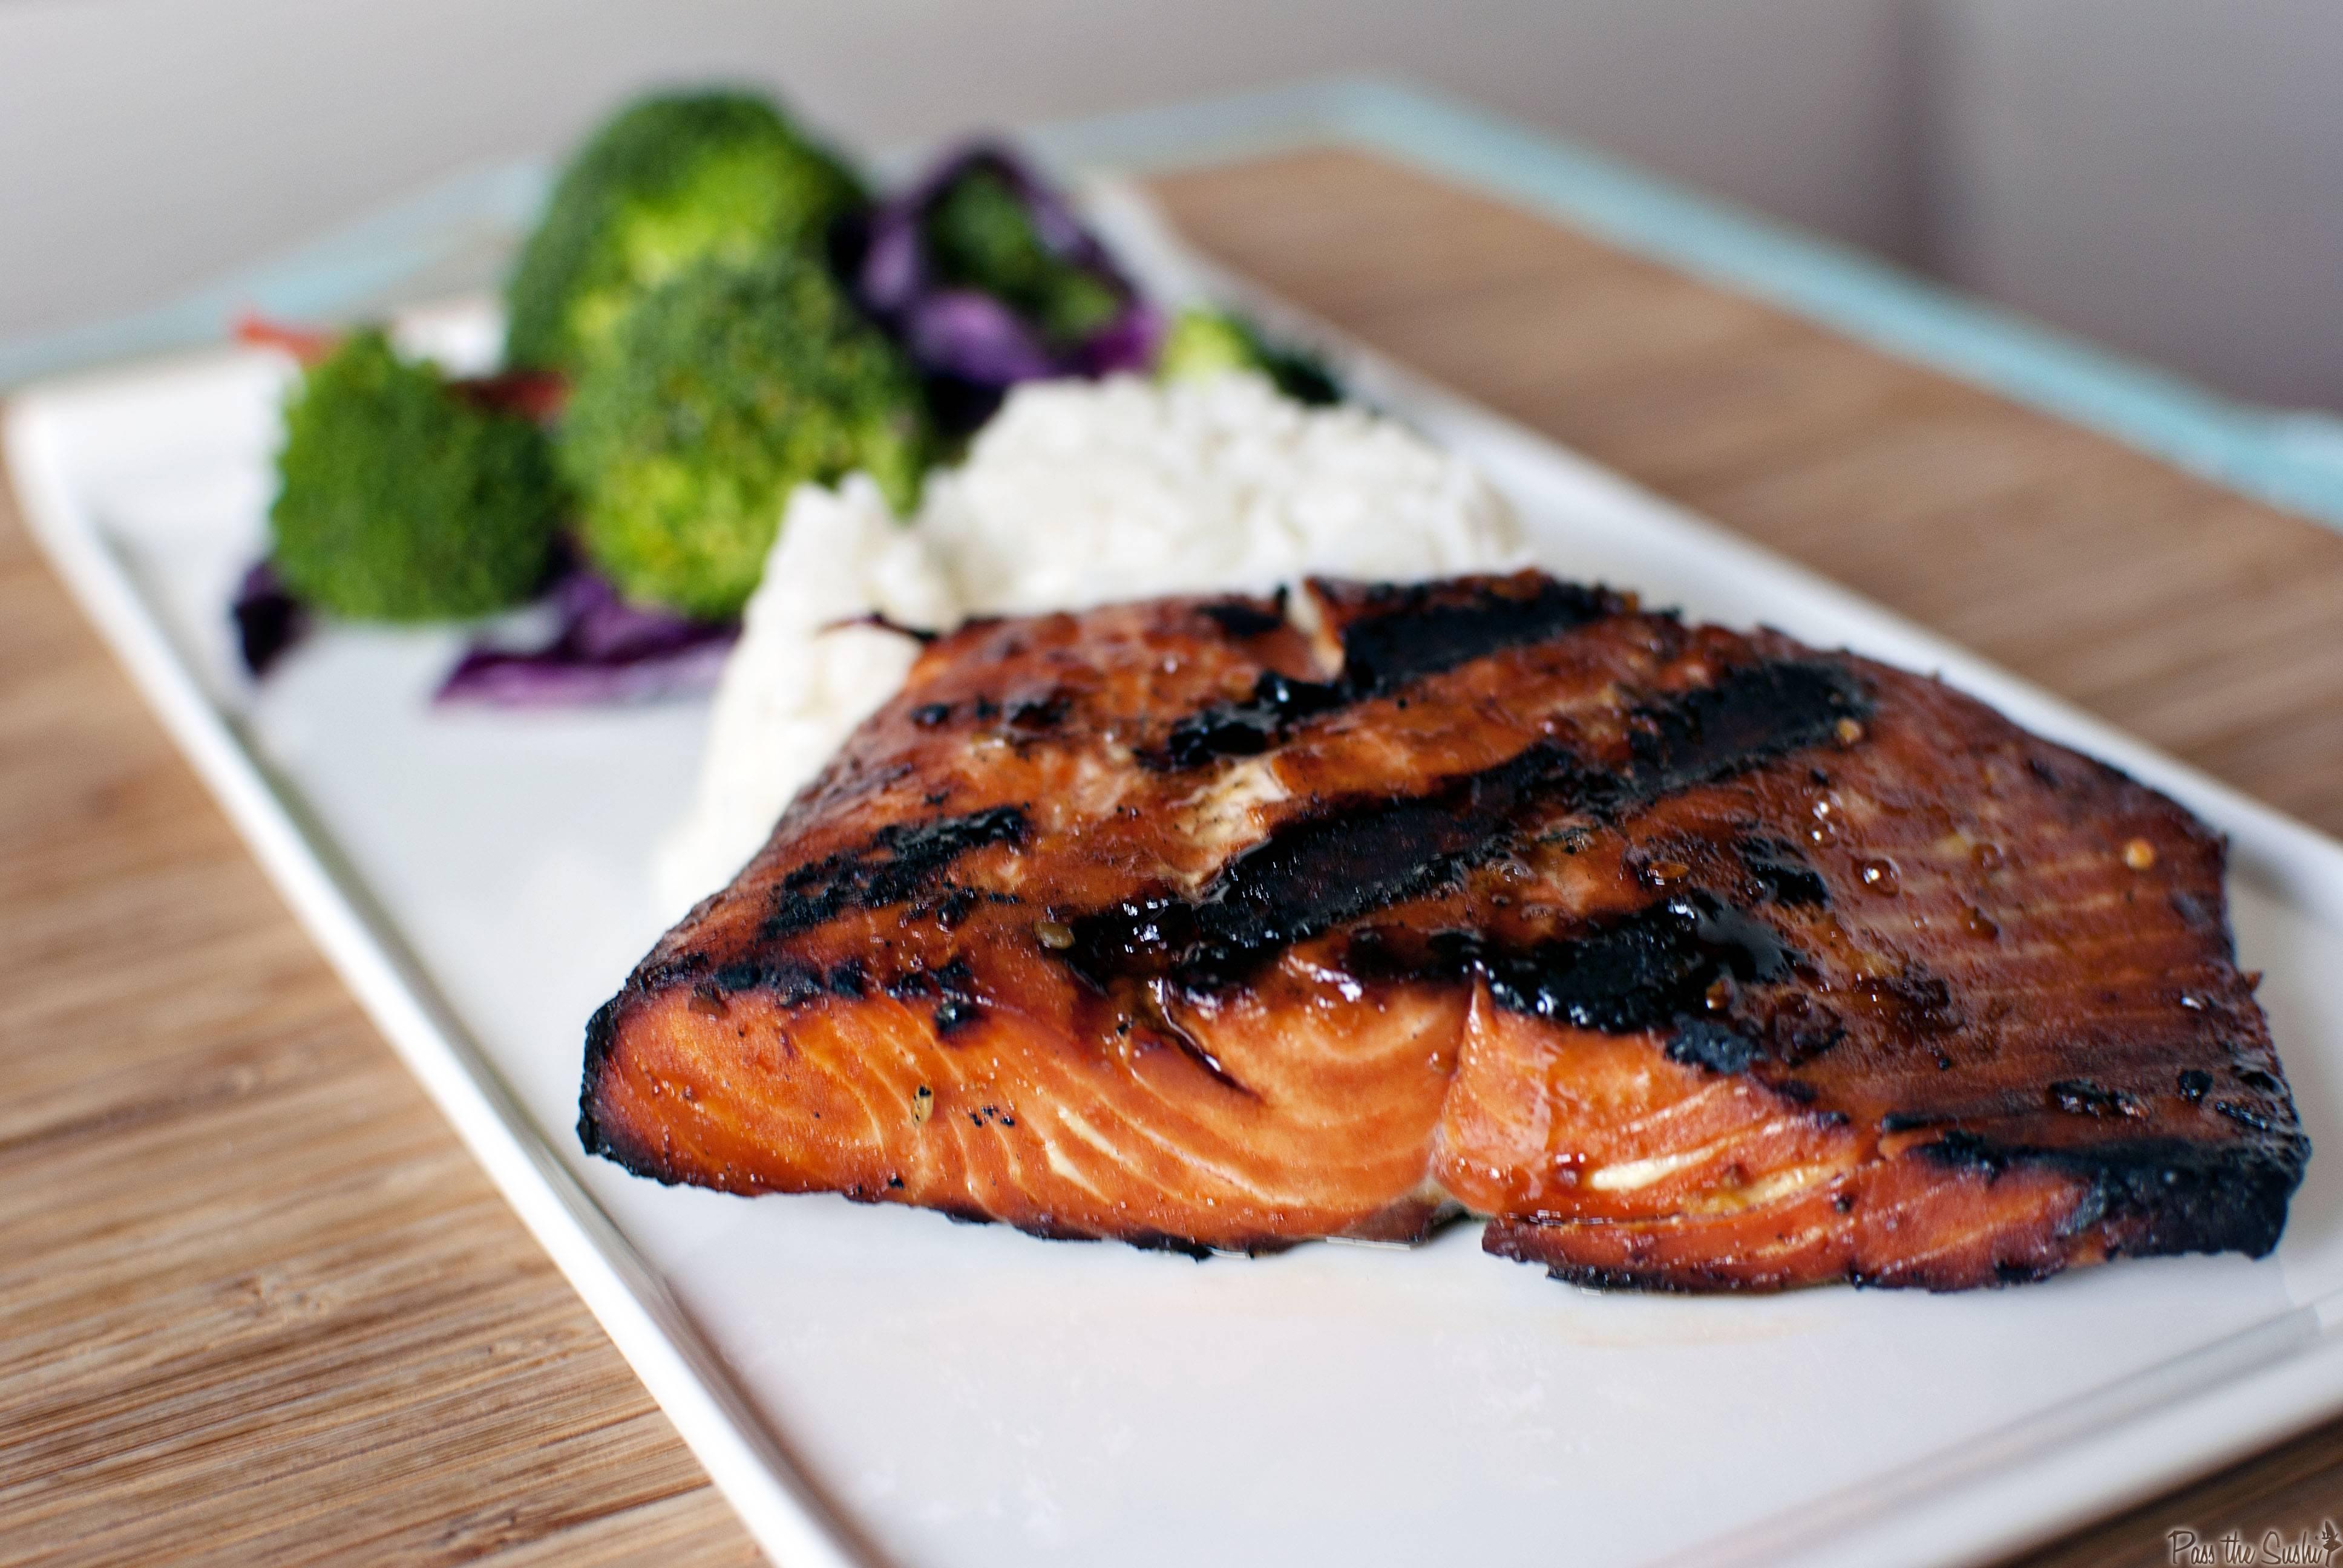 Шашлык из лосося: как приготовить на решетке или мангале на углях, рецепты маринадов